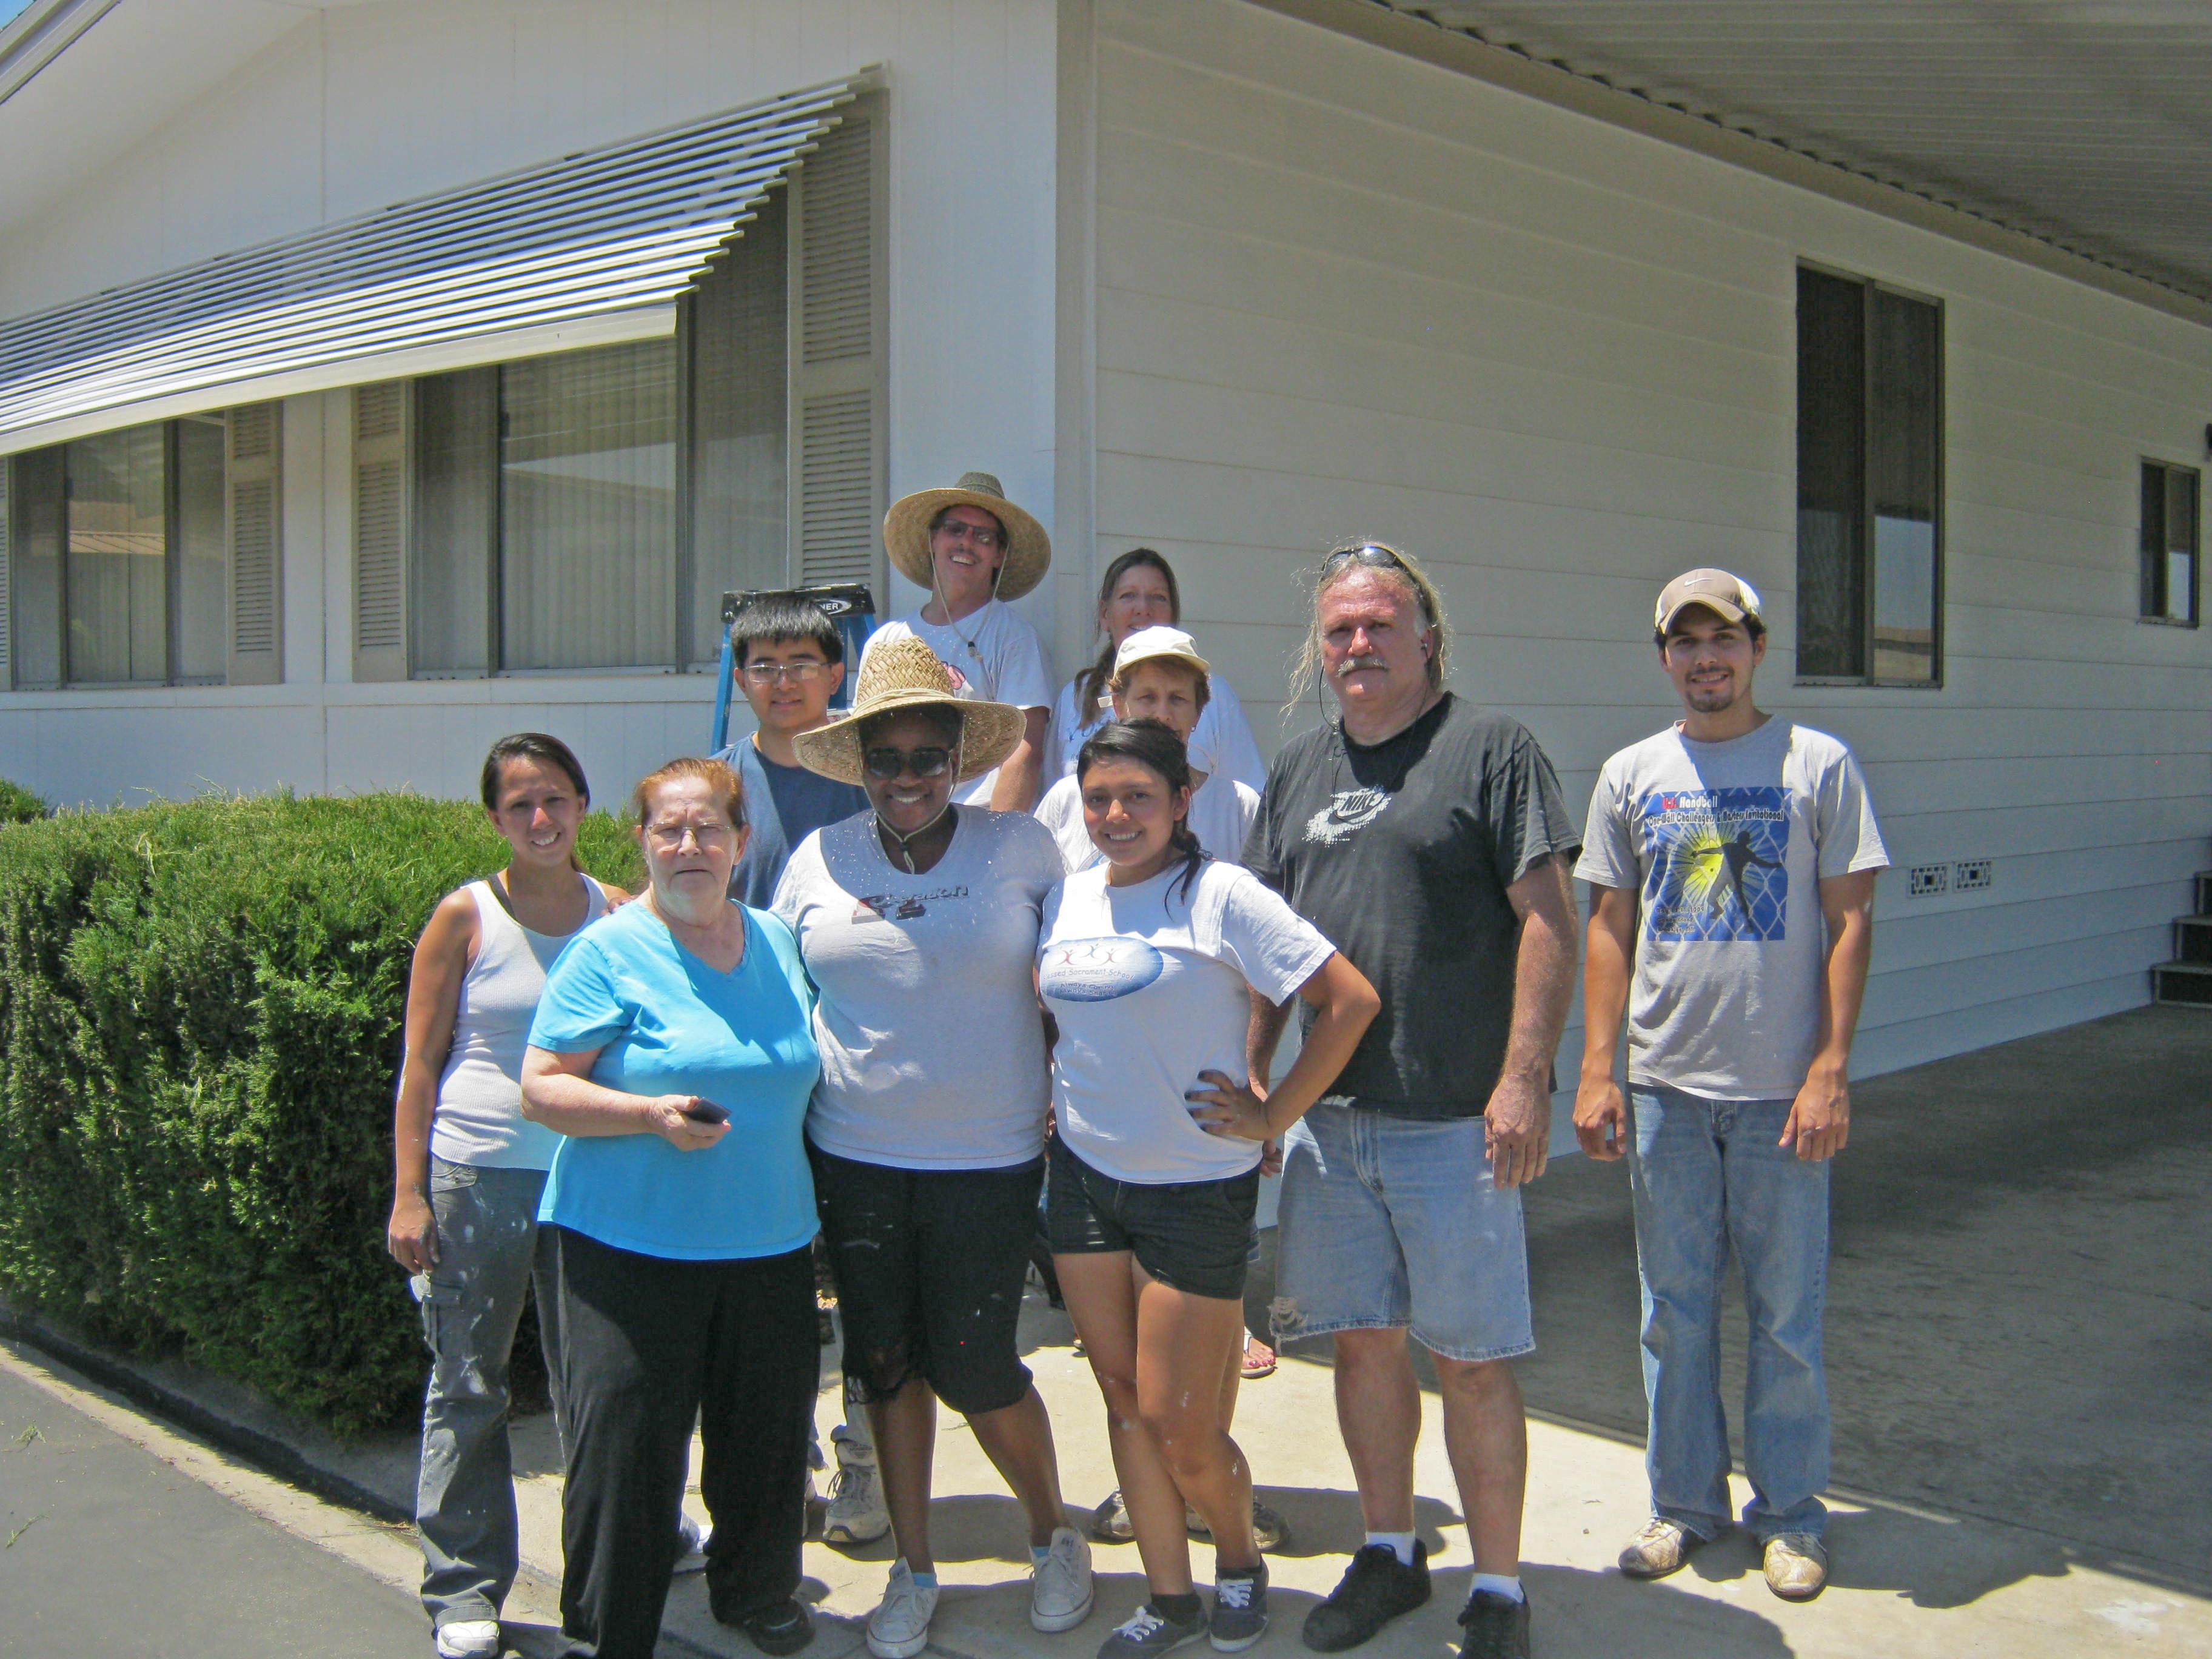 7/21/12 Volunteer Group